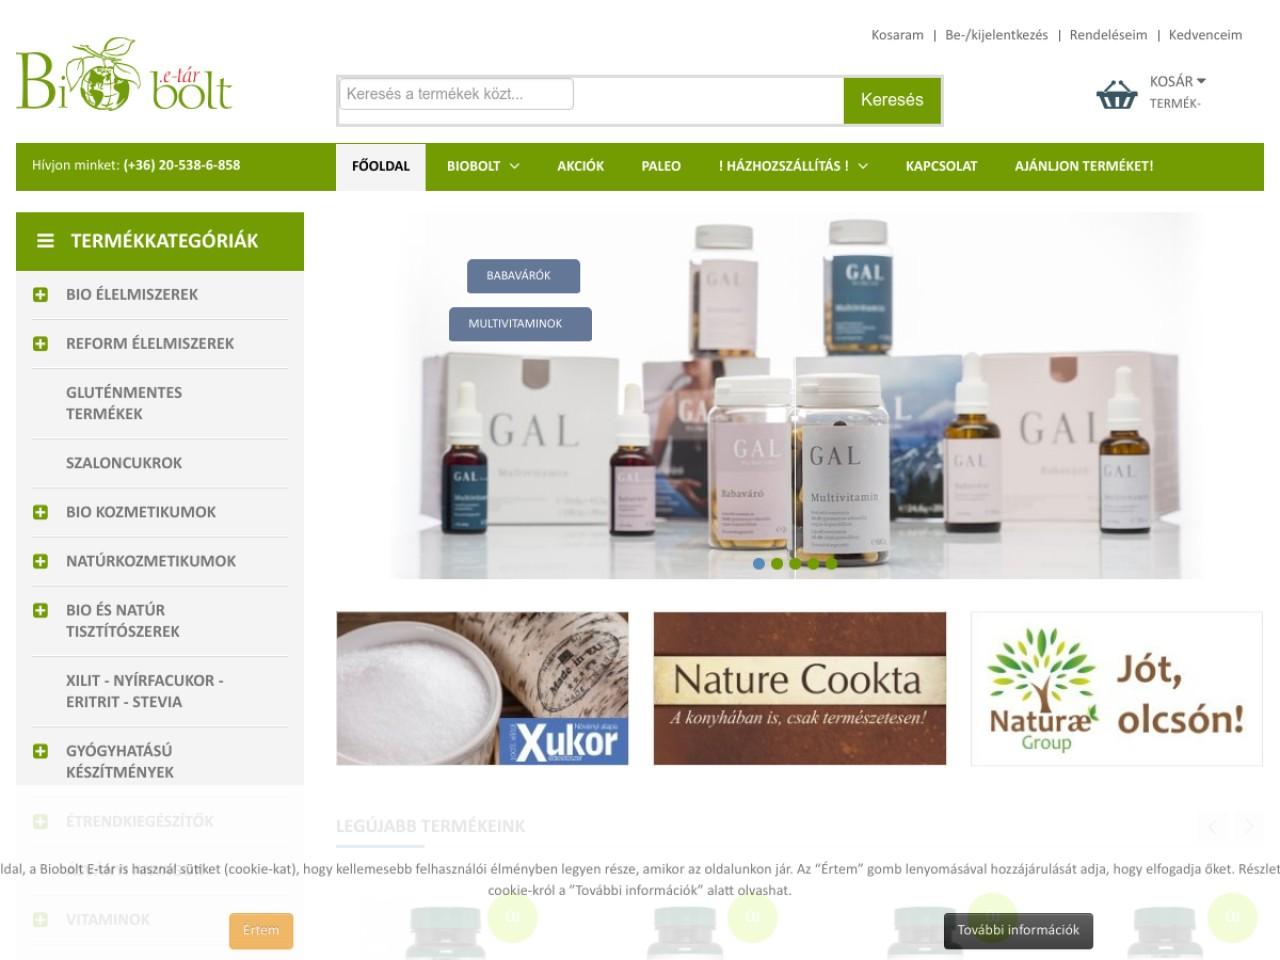 Netbiobolt.hu (korábban Biobolt E-tár)